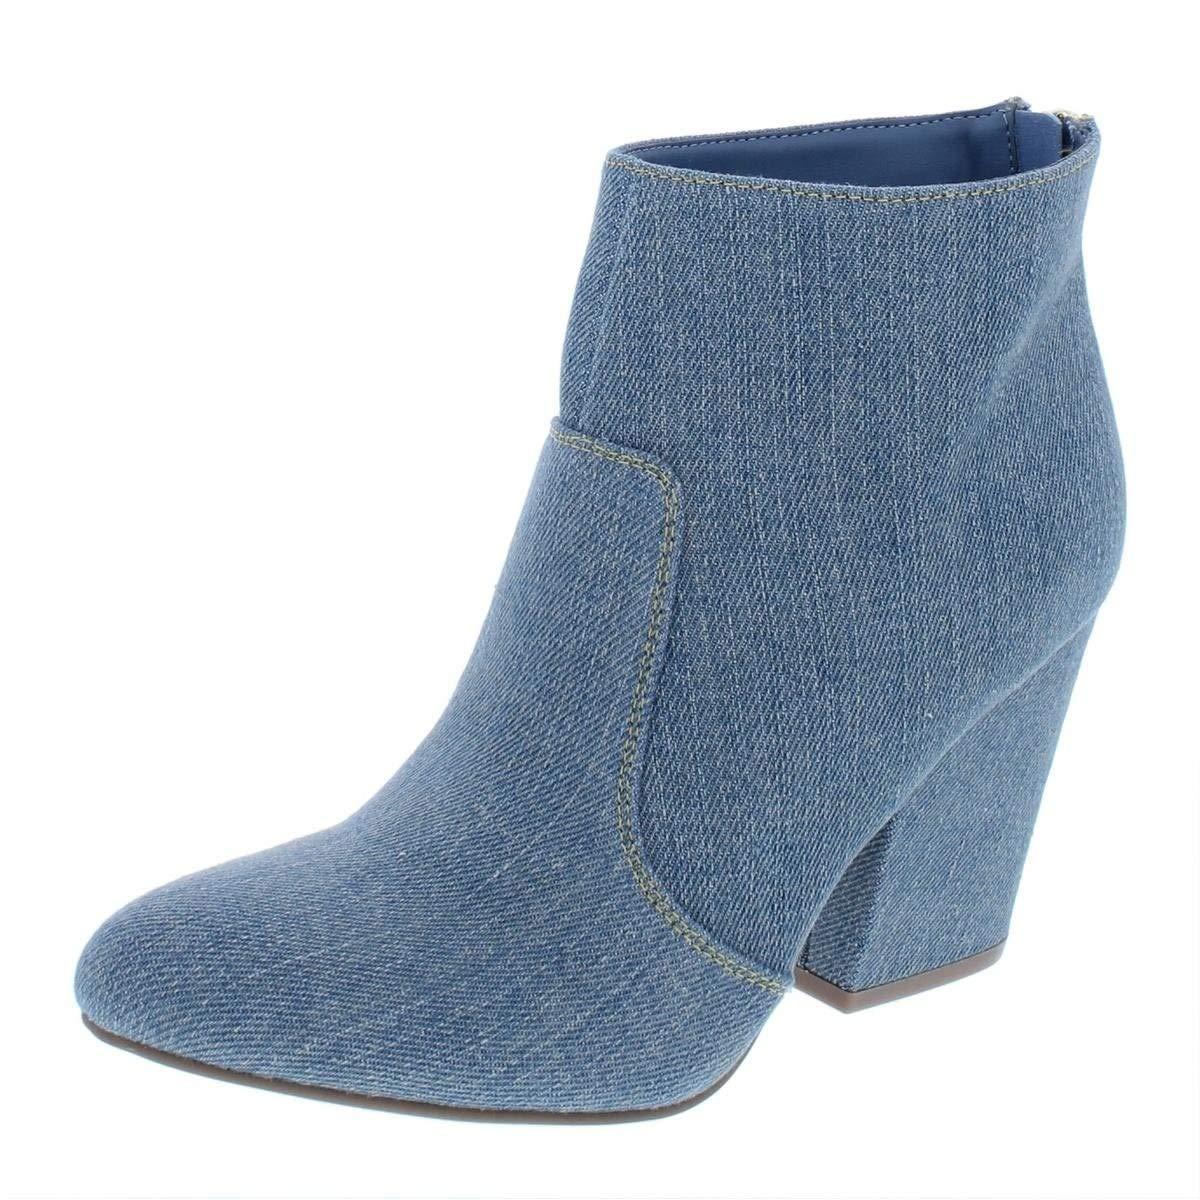 Guess G by Frauen Nite 2 Geschlossener Zeh Zeh Zeh Fashion Stiefel d1c016